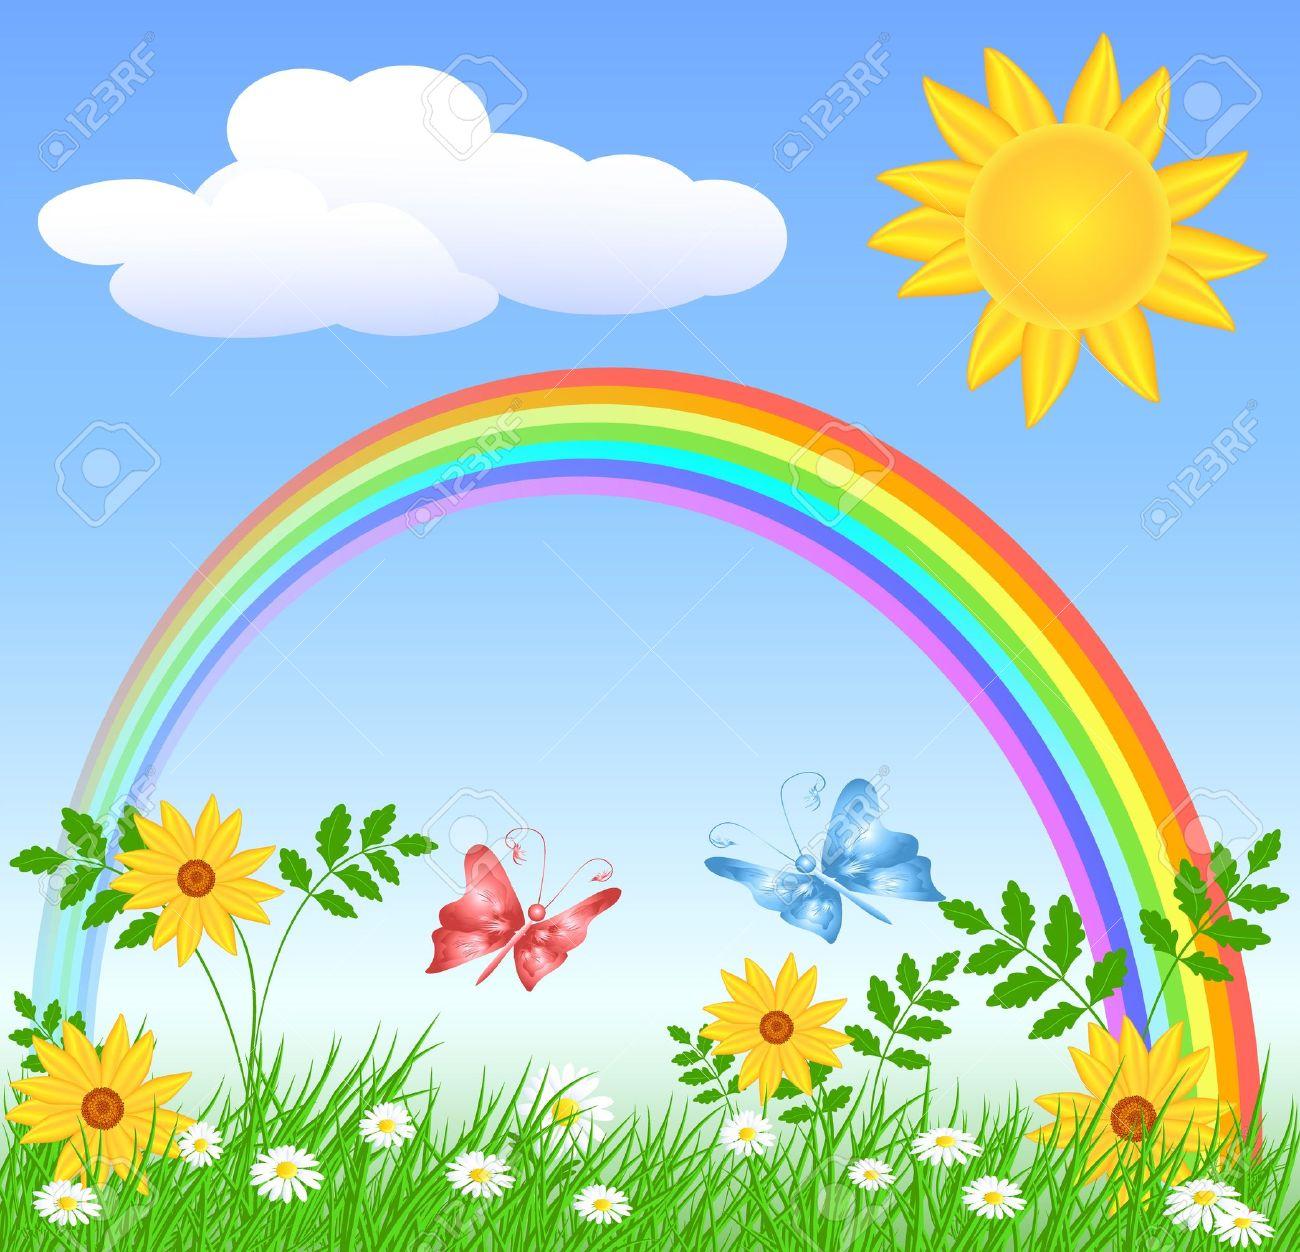 Meadow flowers, rainbow, sun and blue sky - 13239245